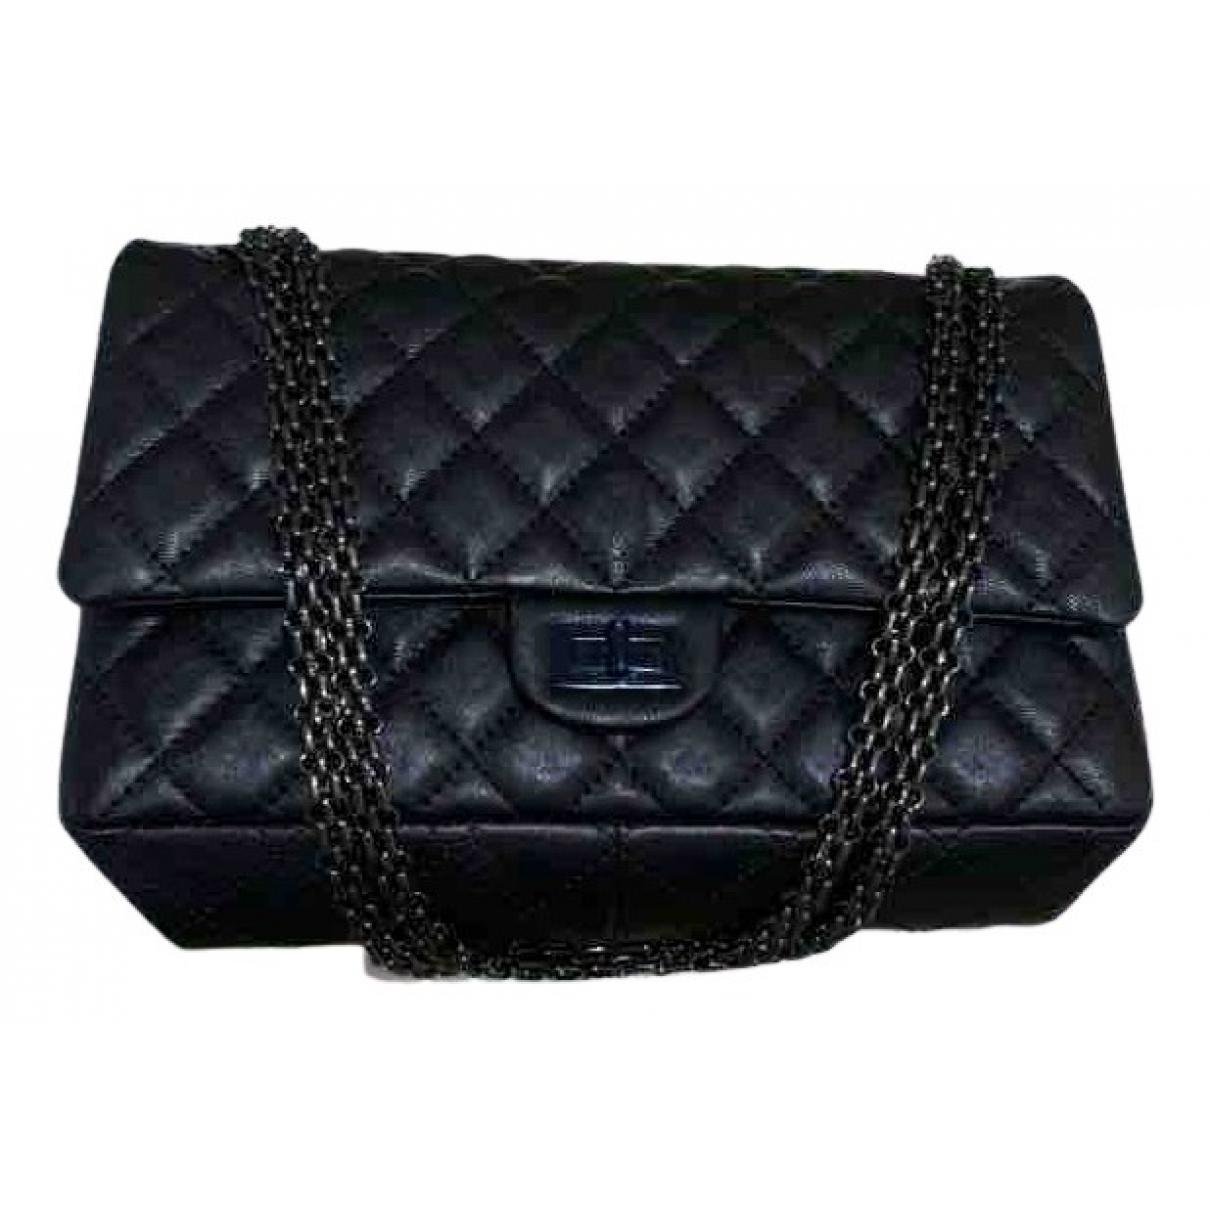 Chanel - Sac a main 2.55 pour femme en cuir - noir